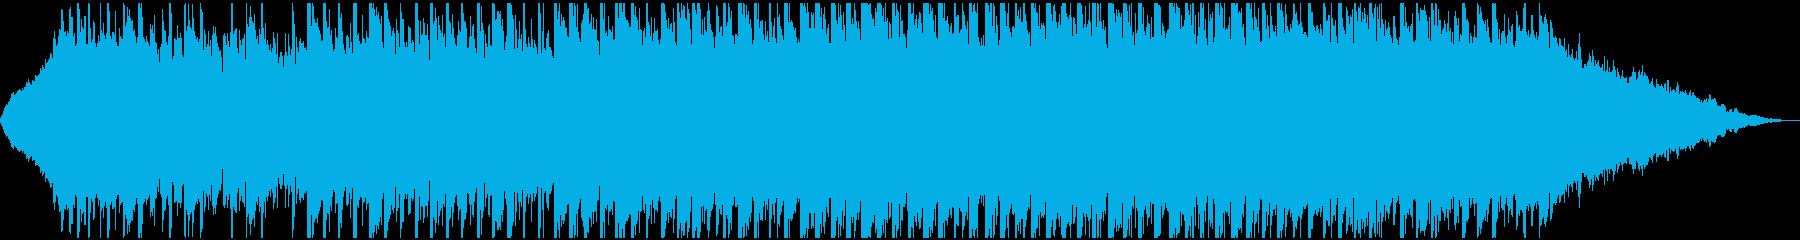 60秒,企業VP23,コーポレート,爽快の再生済みの波形